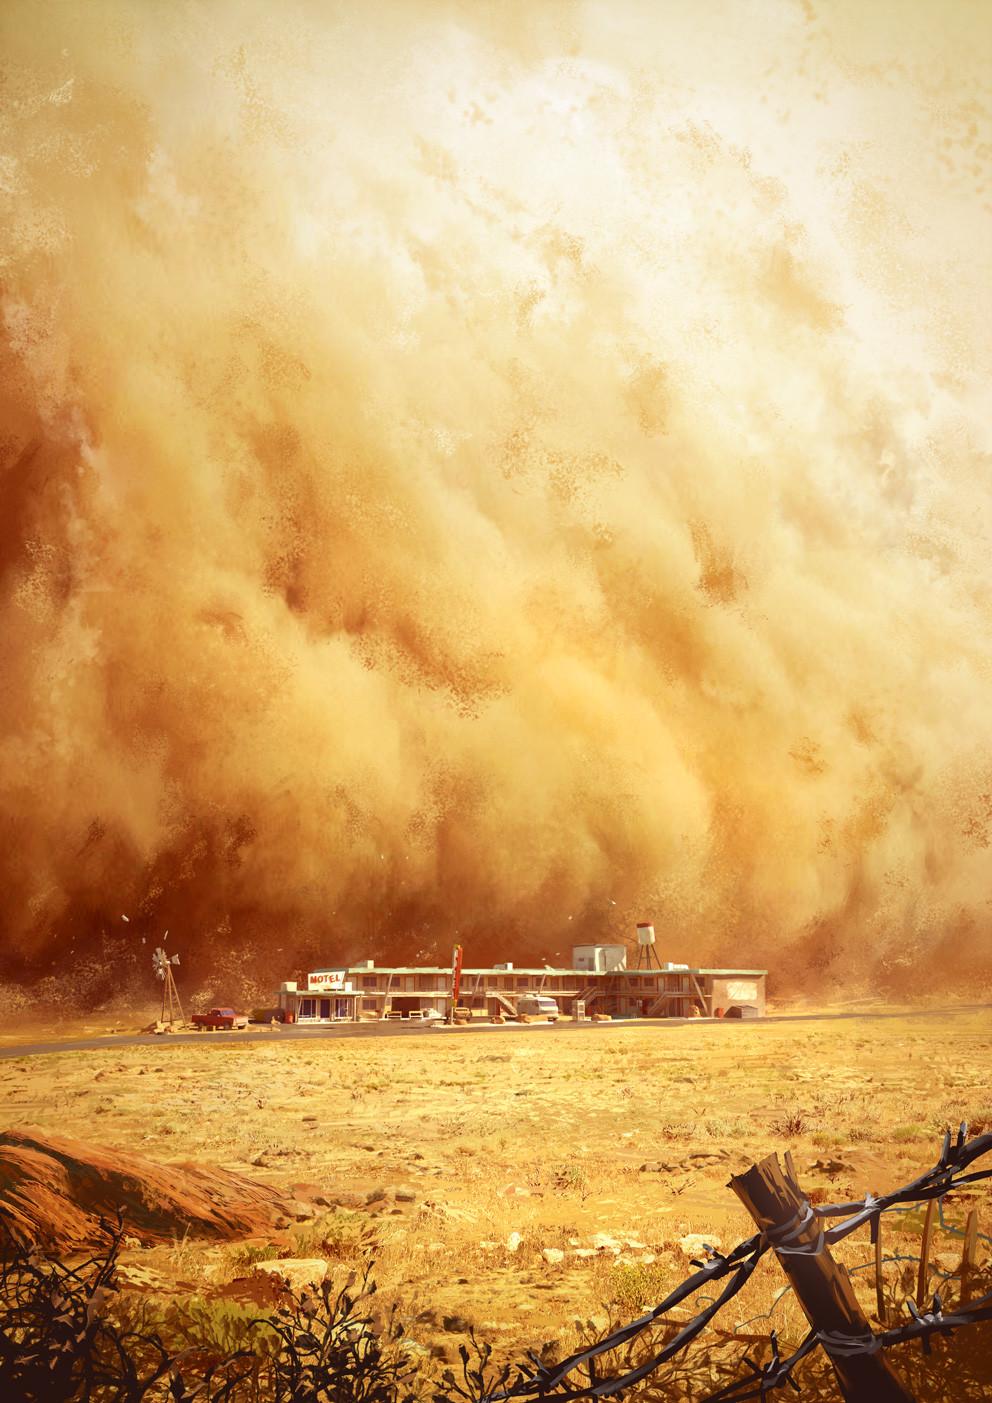 Dark Days : the sandstorm